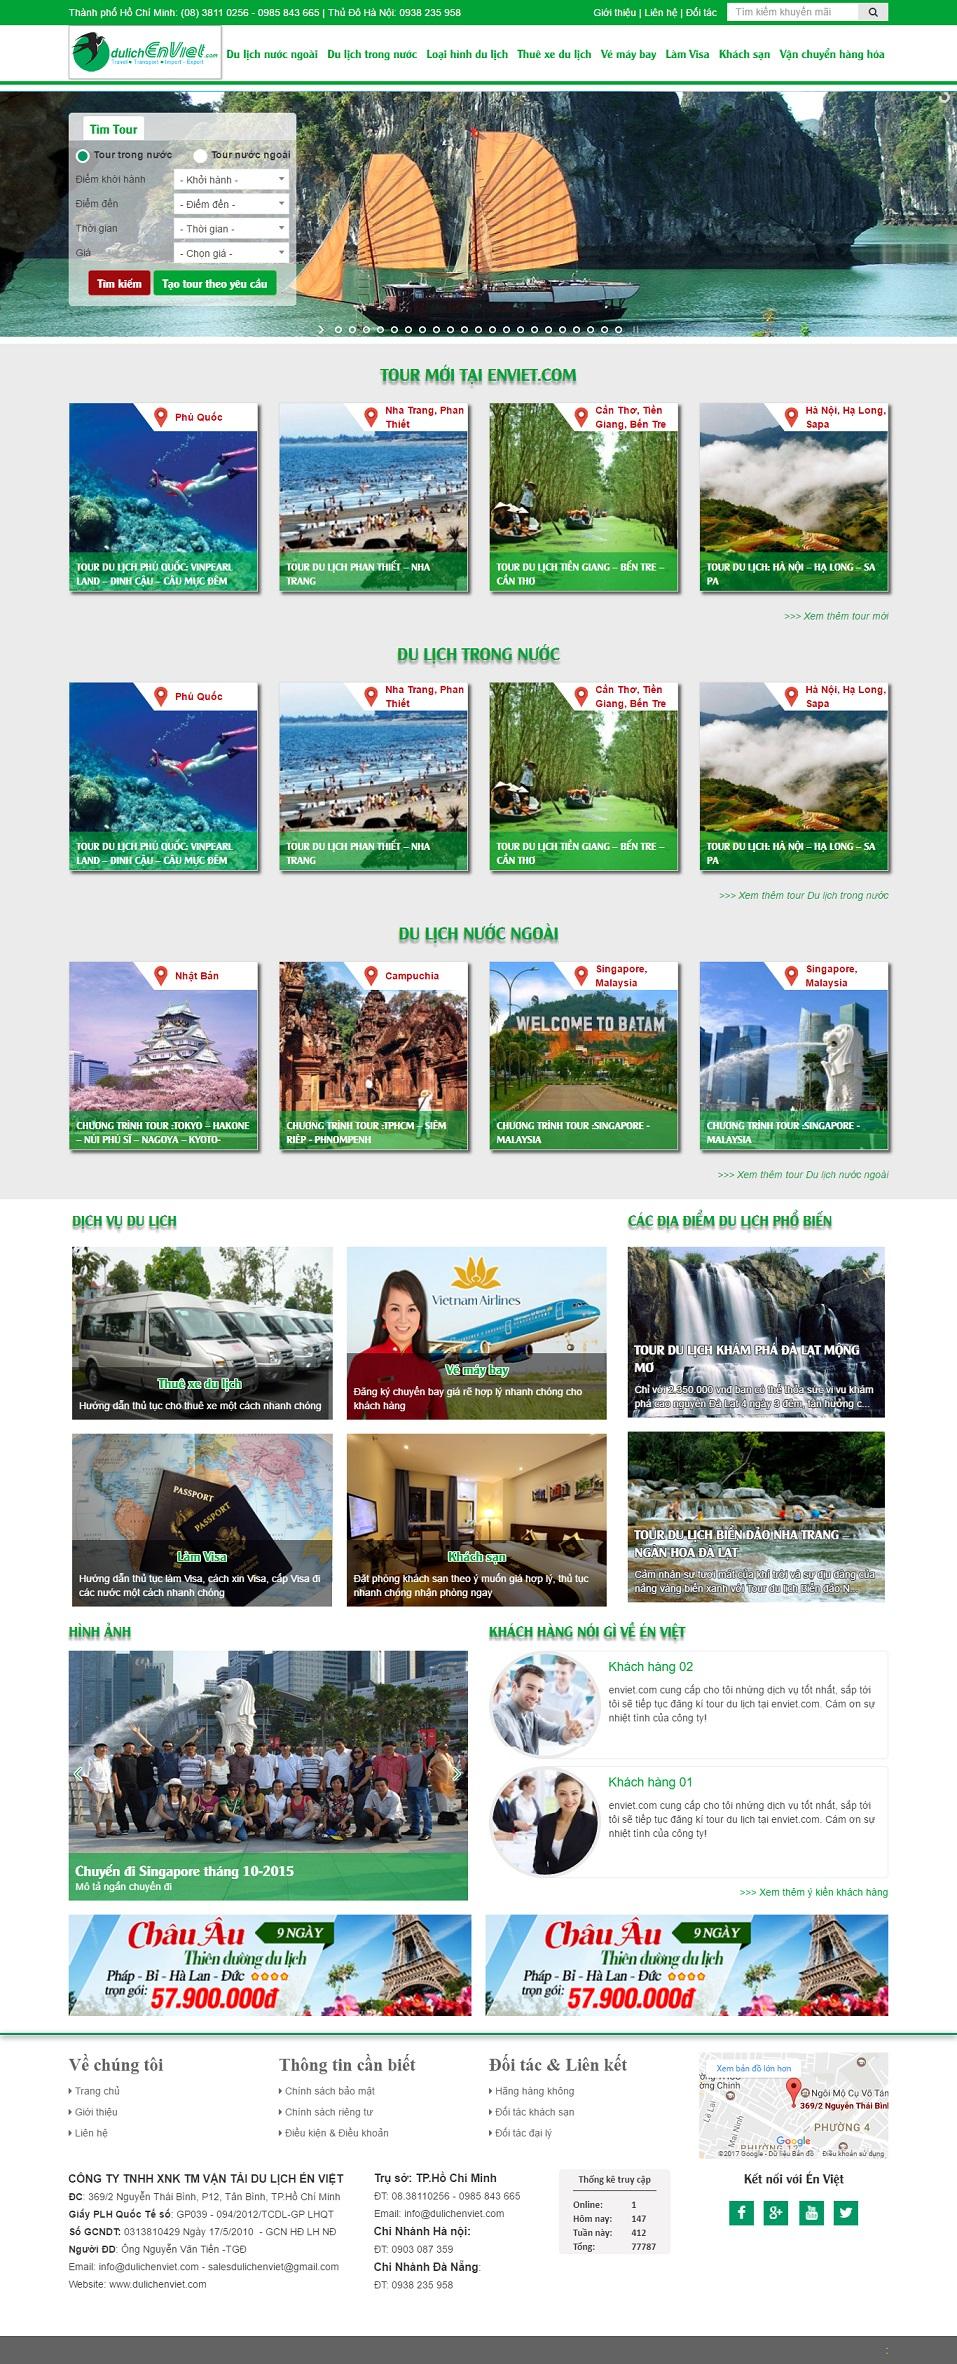 Du lịch Én Việt